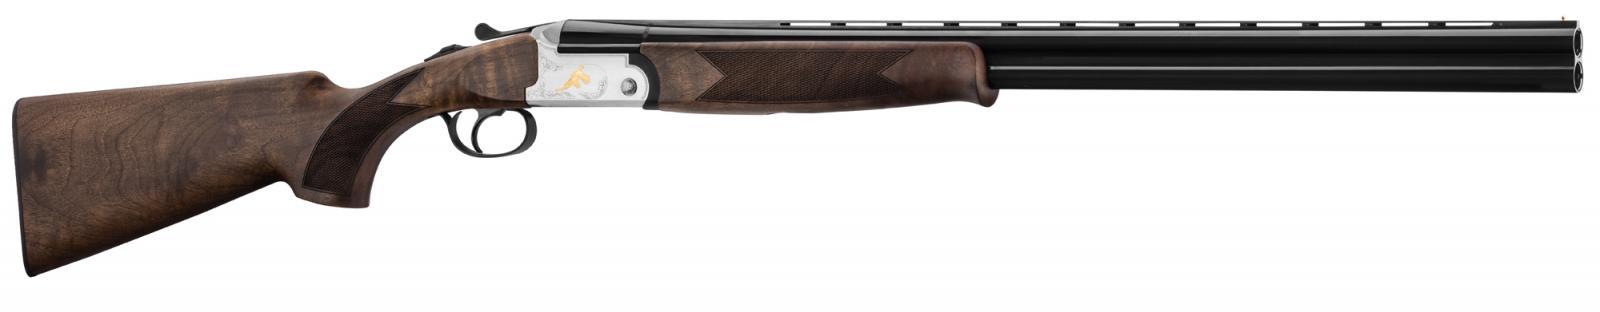 Fusil superposé FAIR PREMIER ERGAL Double détente Cal. 20/76